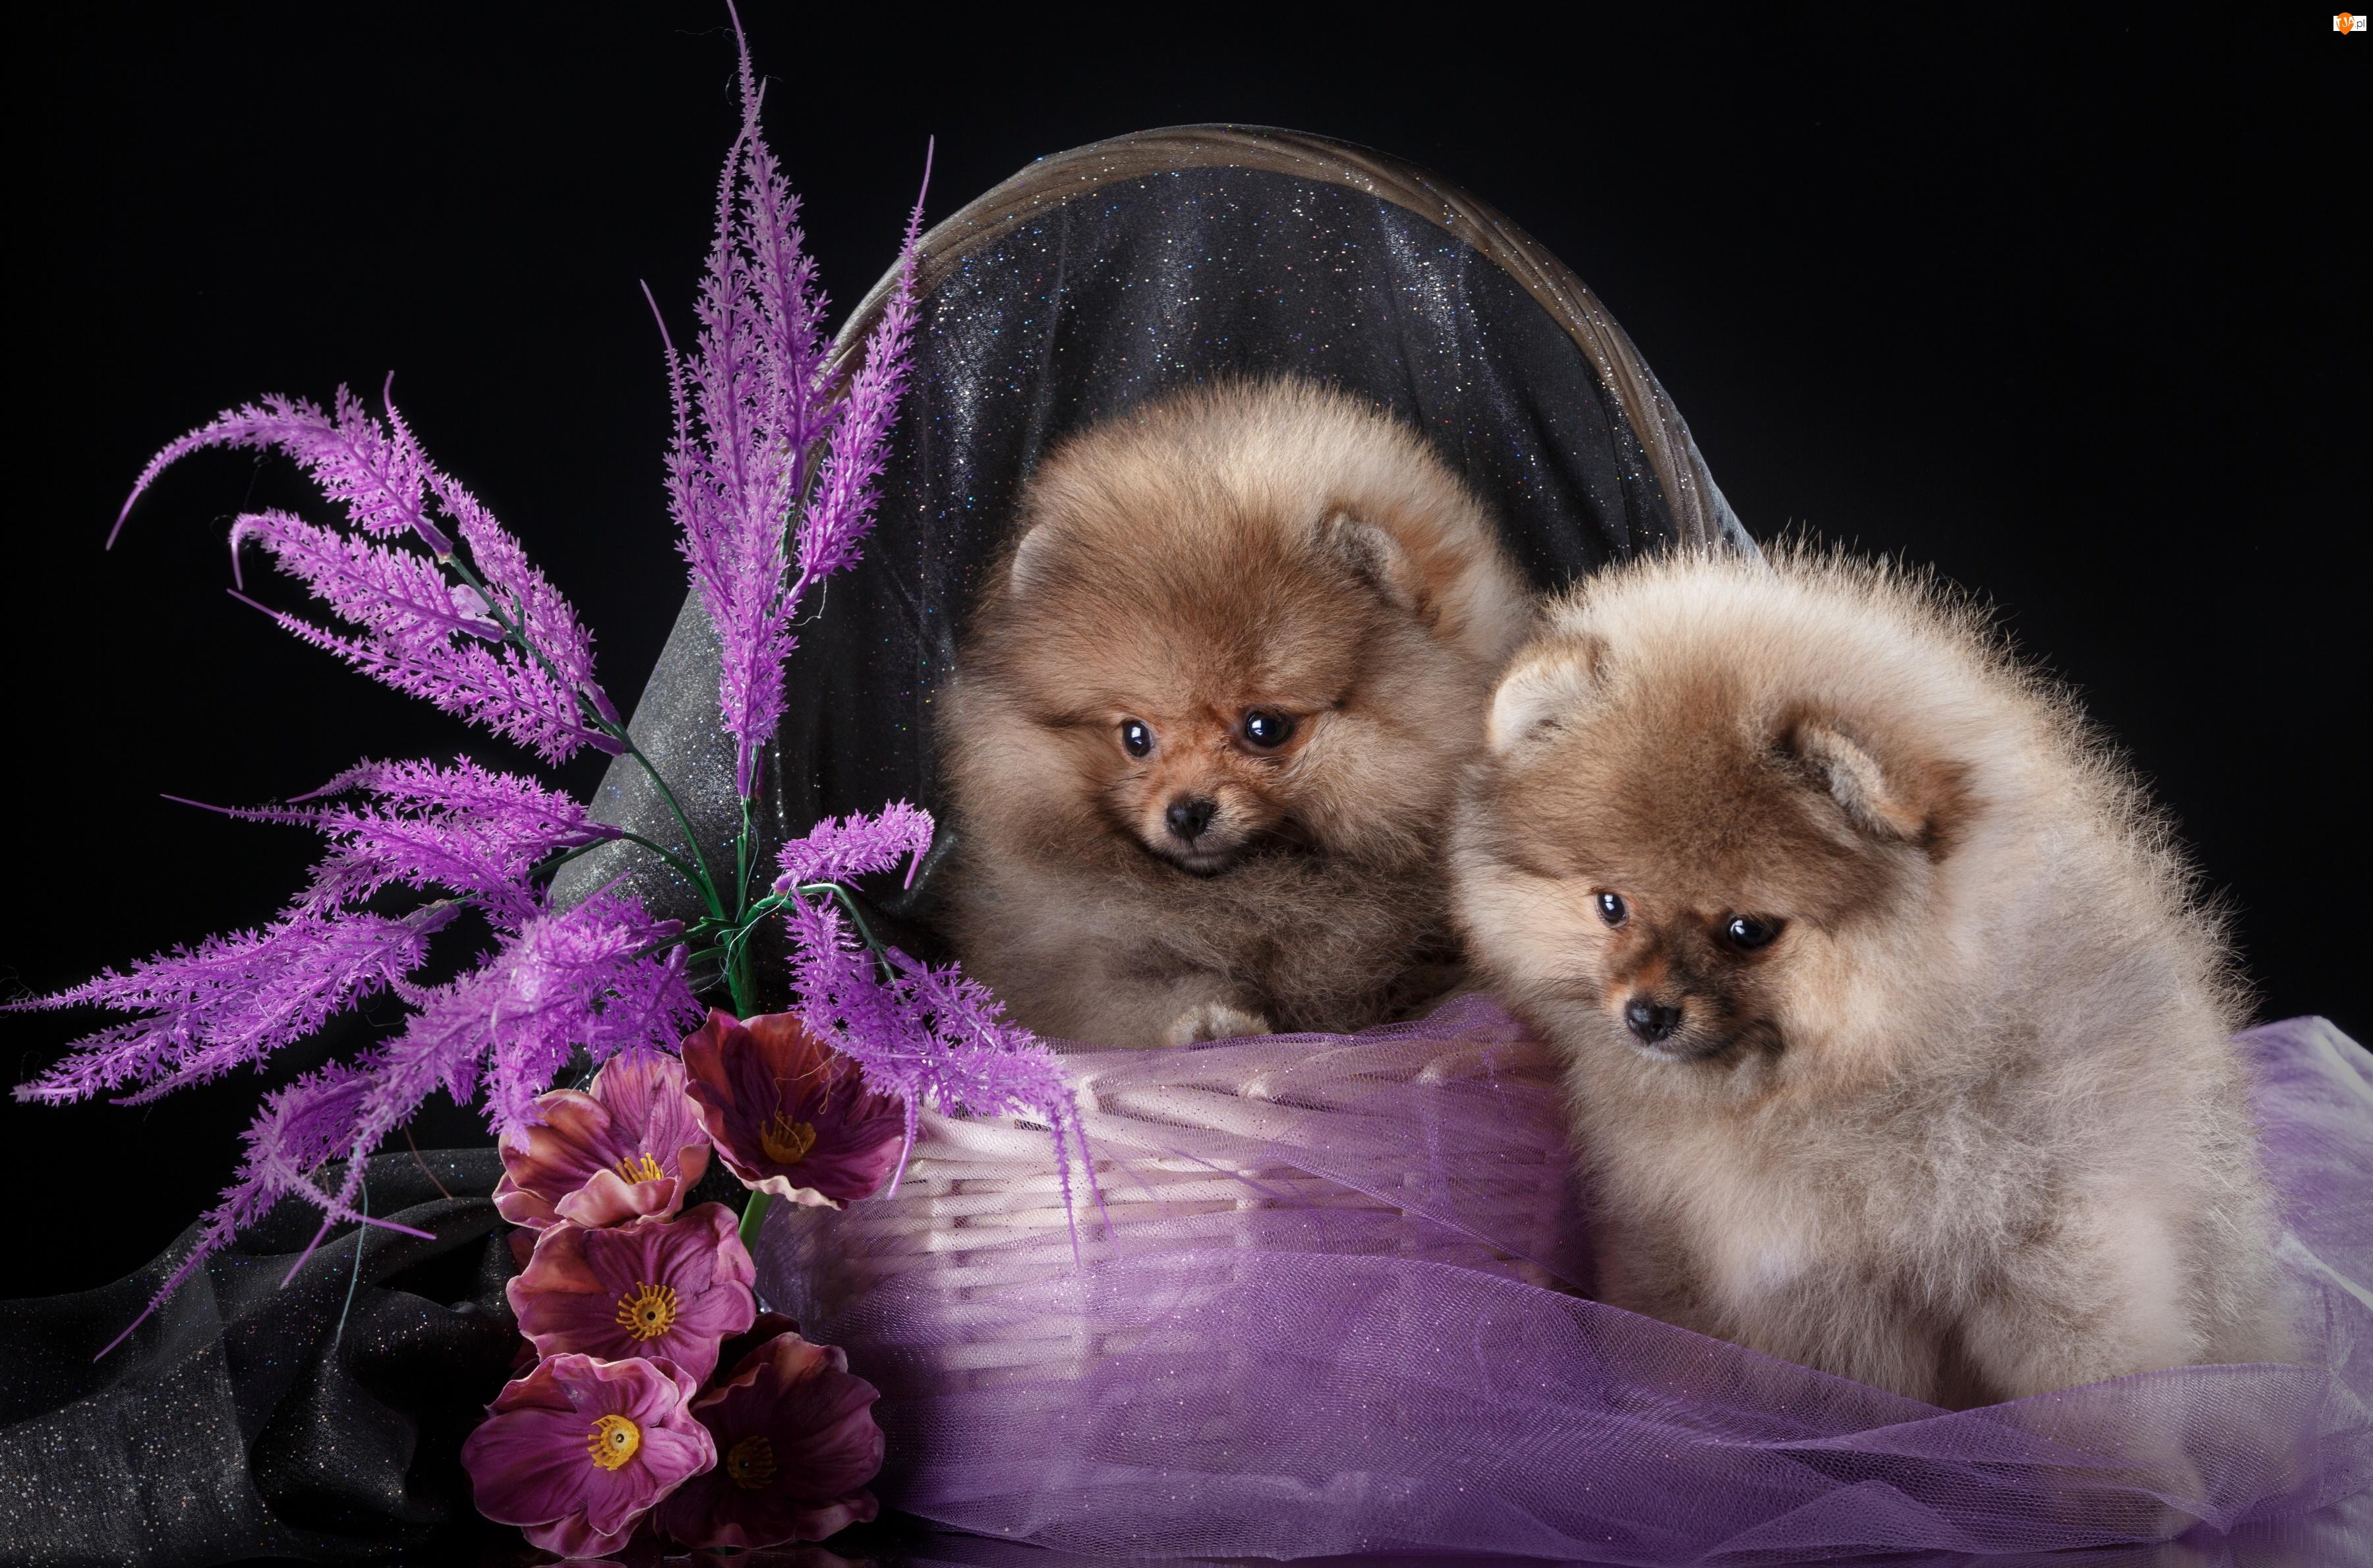 Kwiaty, Słodkie, Szpice miniaturowe, Szczeniaki, Koszyk